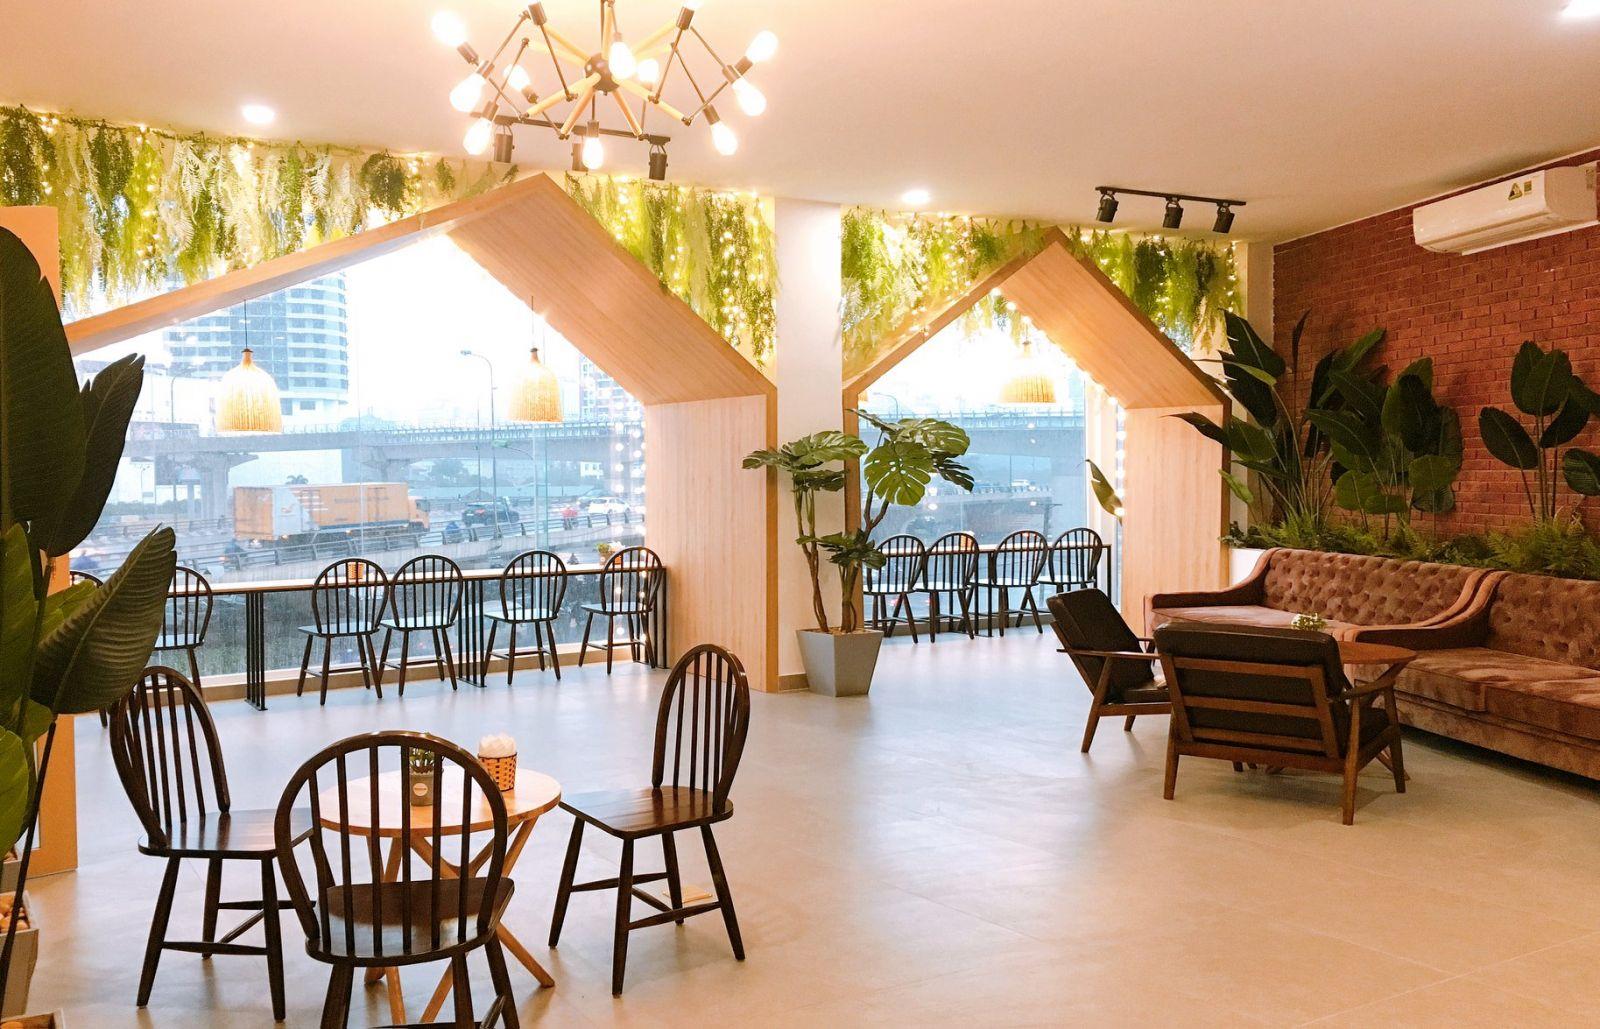 Nên bố trí chỗ ngồi rộng rãi cho quán của bạn